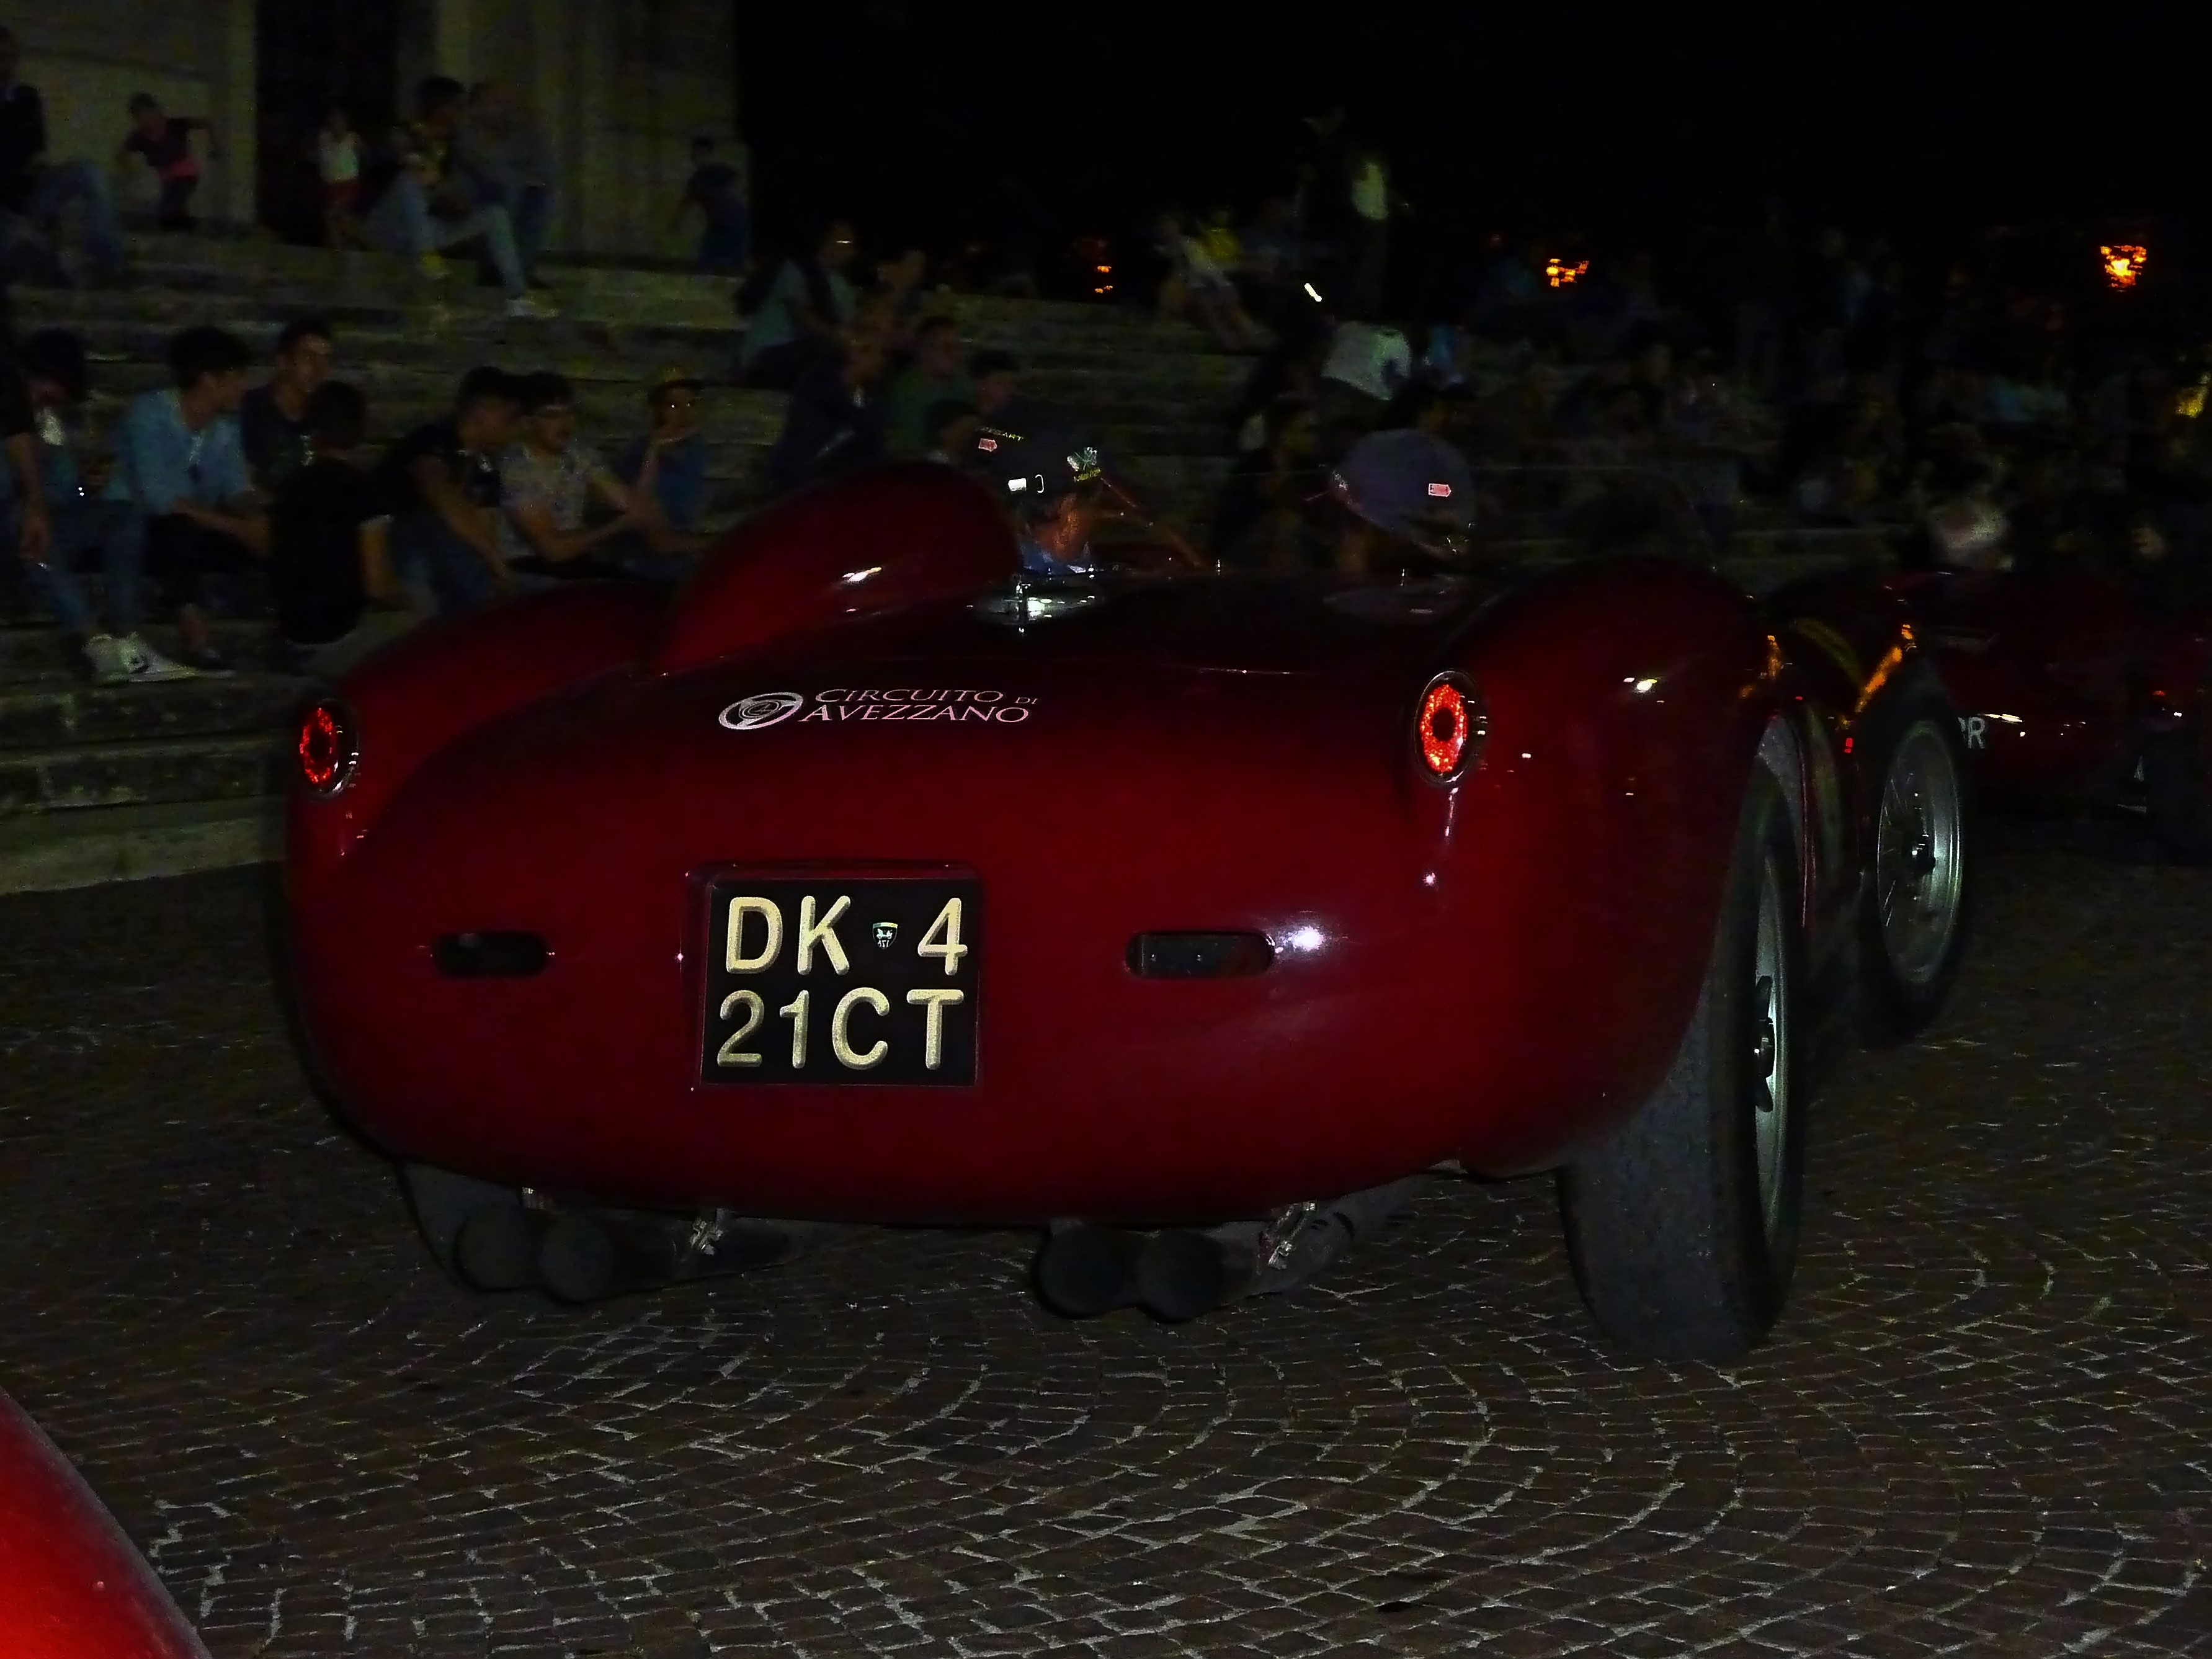 4th Circuito Di Avezzano (339)